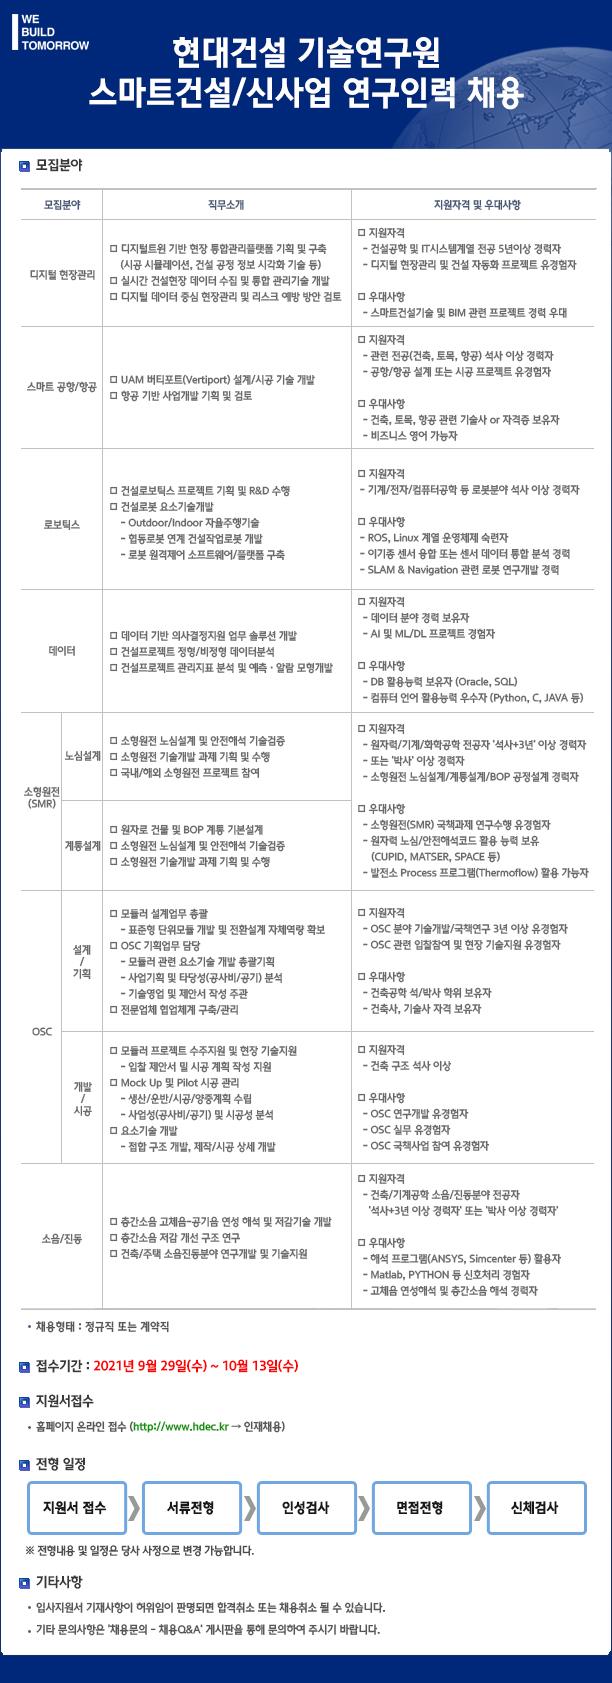 기술연구원 스마트건설/신사업 연구인력 채용